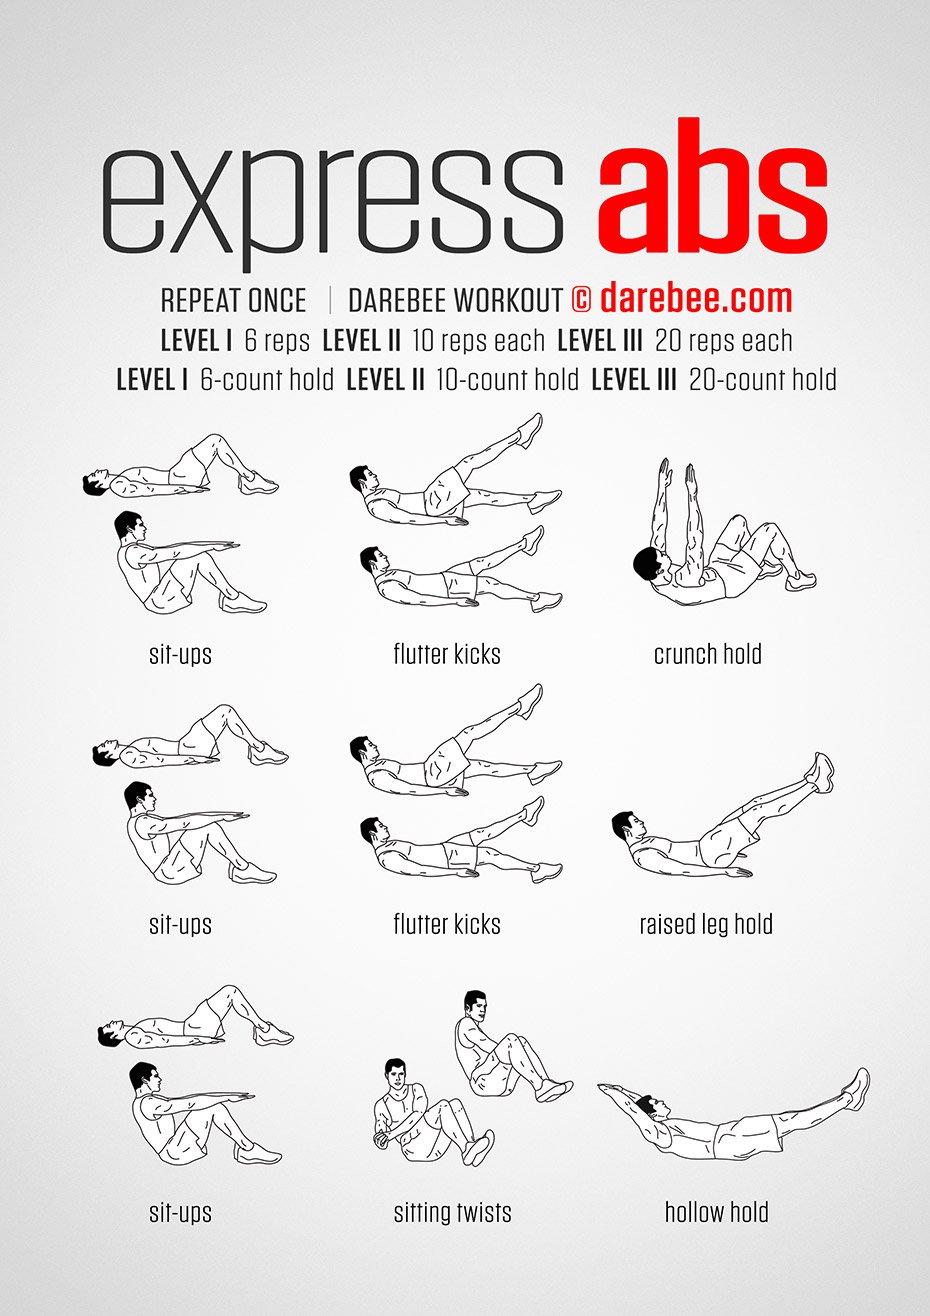 Un entrenamiento exprés para tus abdominales, ¿te apuntas? https://t.co/PmKX87DlzK